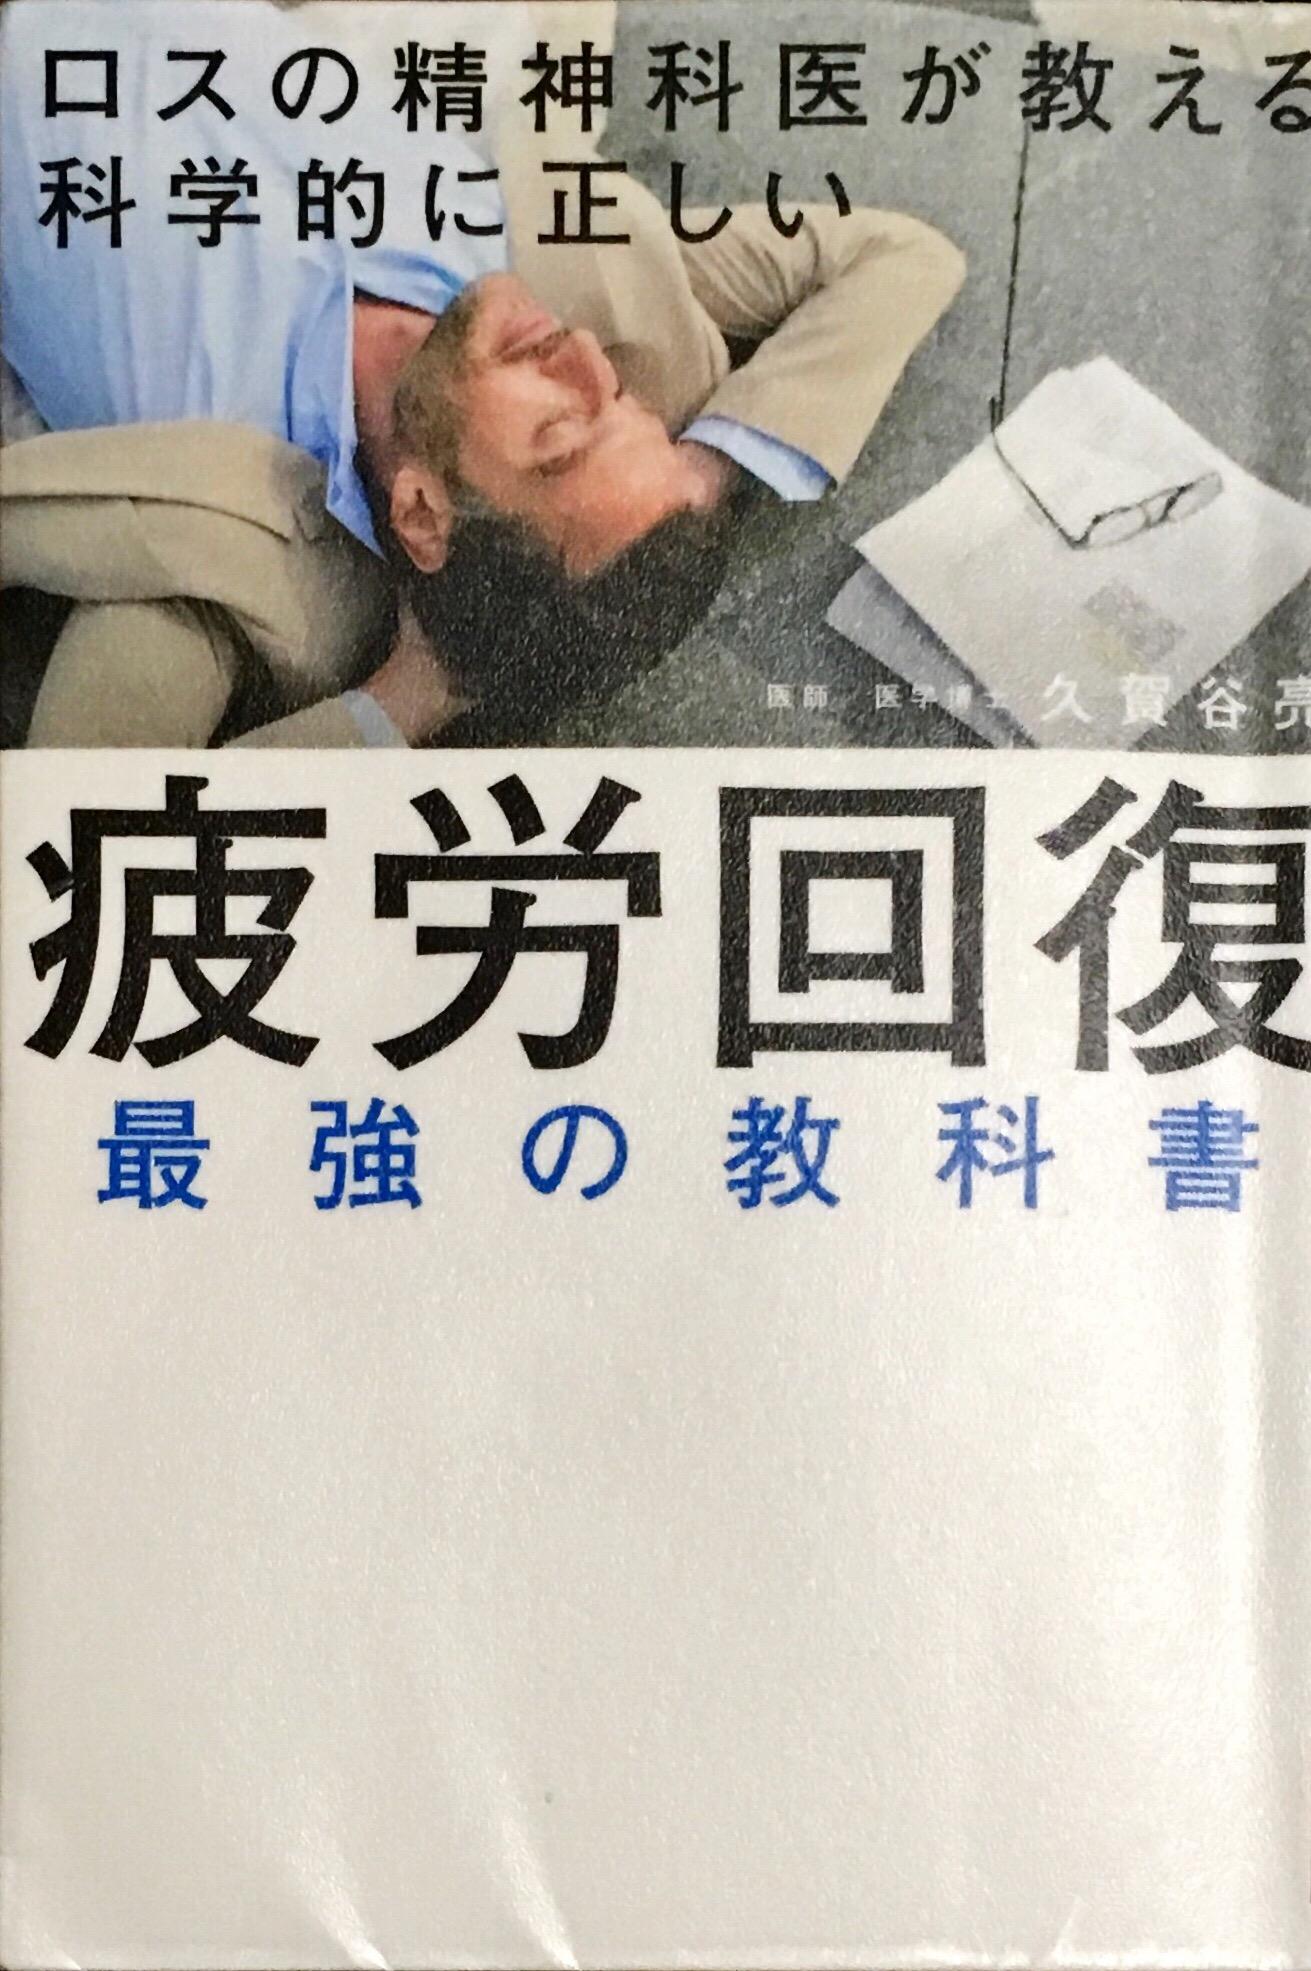 ロスの精神科医が教える科学的に正しい疲労回復最強の教科書